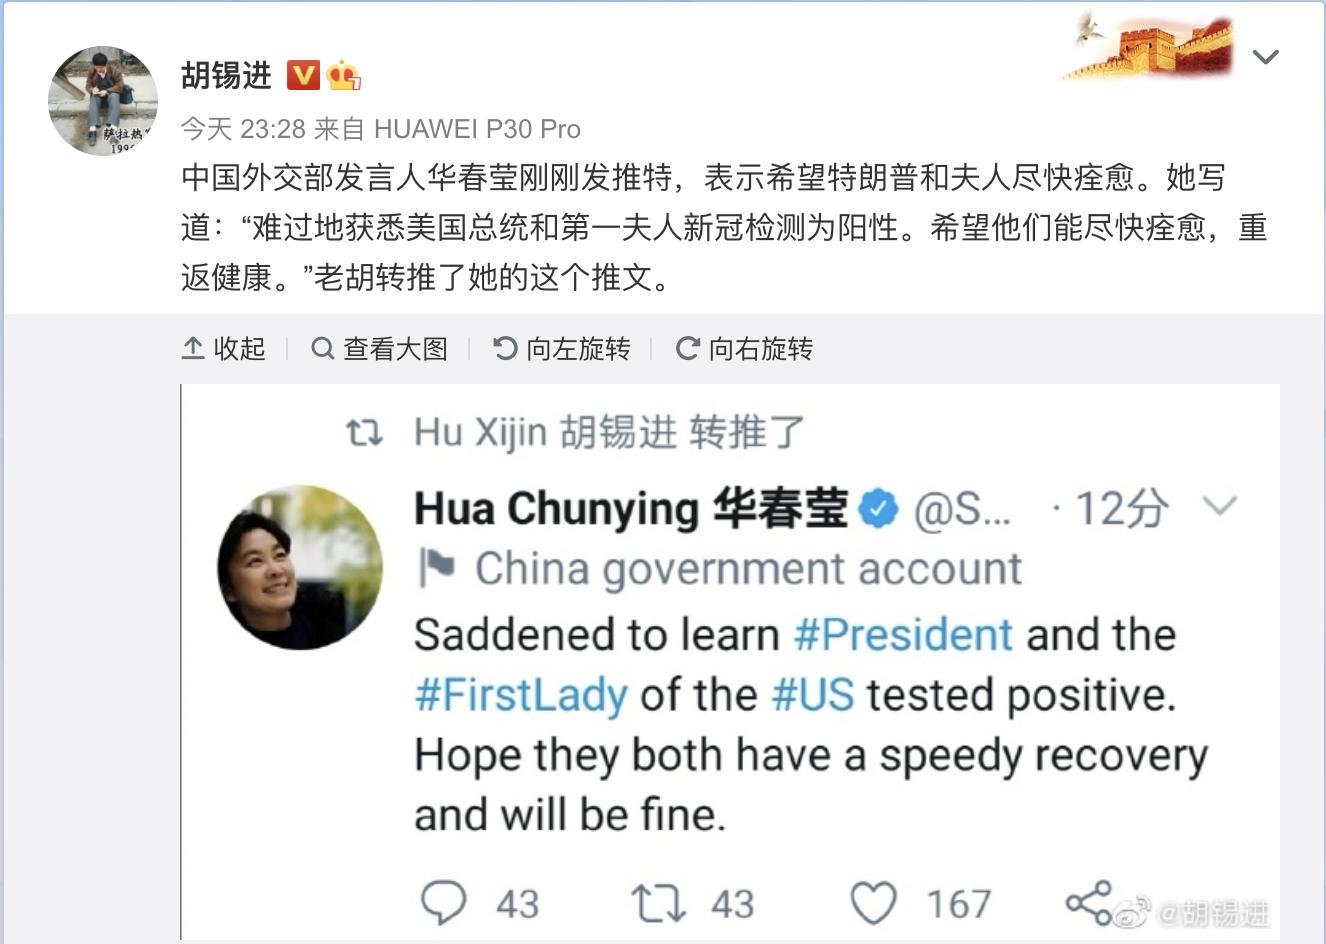 胡錫進微博轉華春瑩推文遭「翻車」,網民集體砲轟,要求享有同等權力上推特。(網絡截圖)